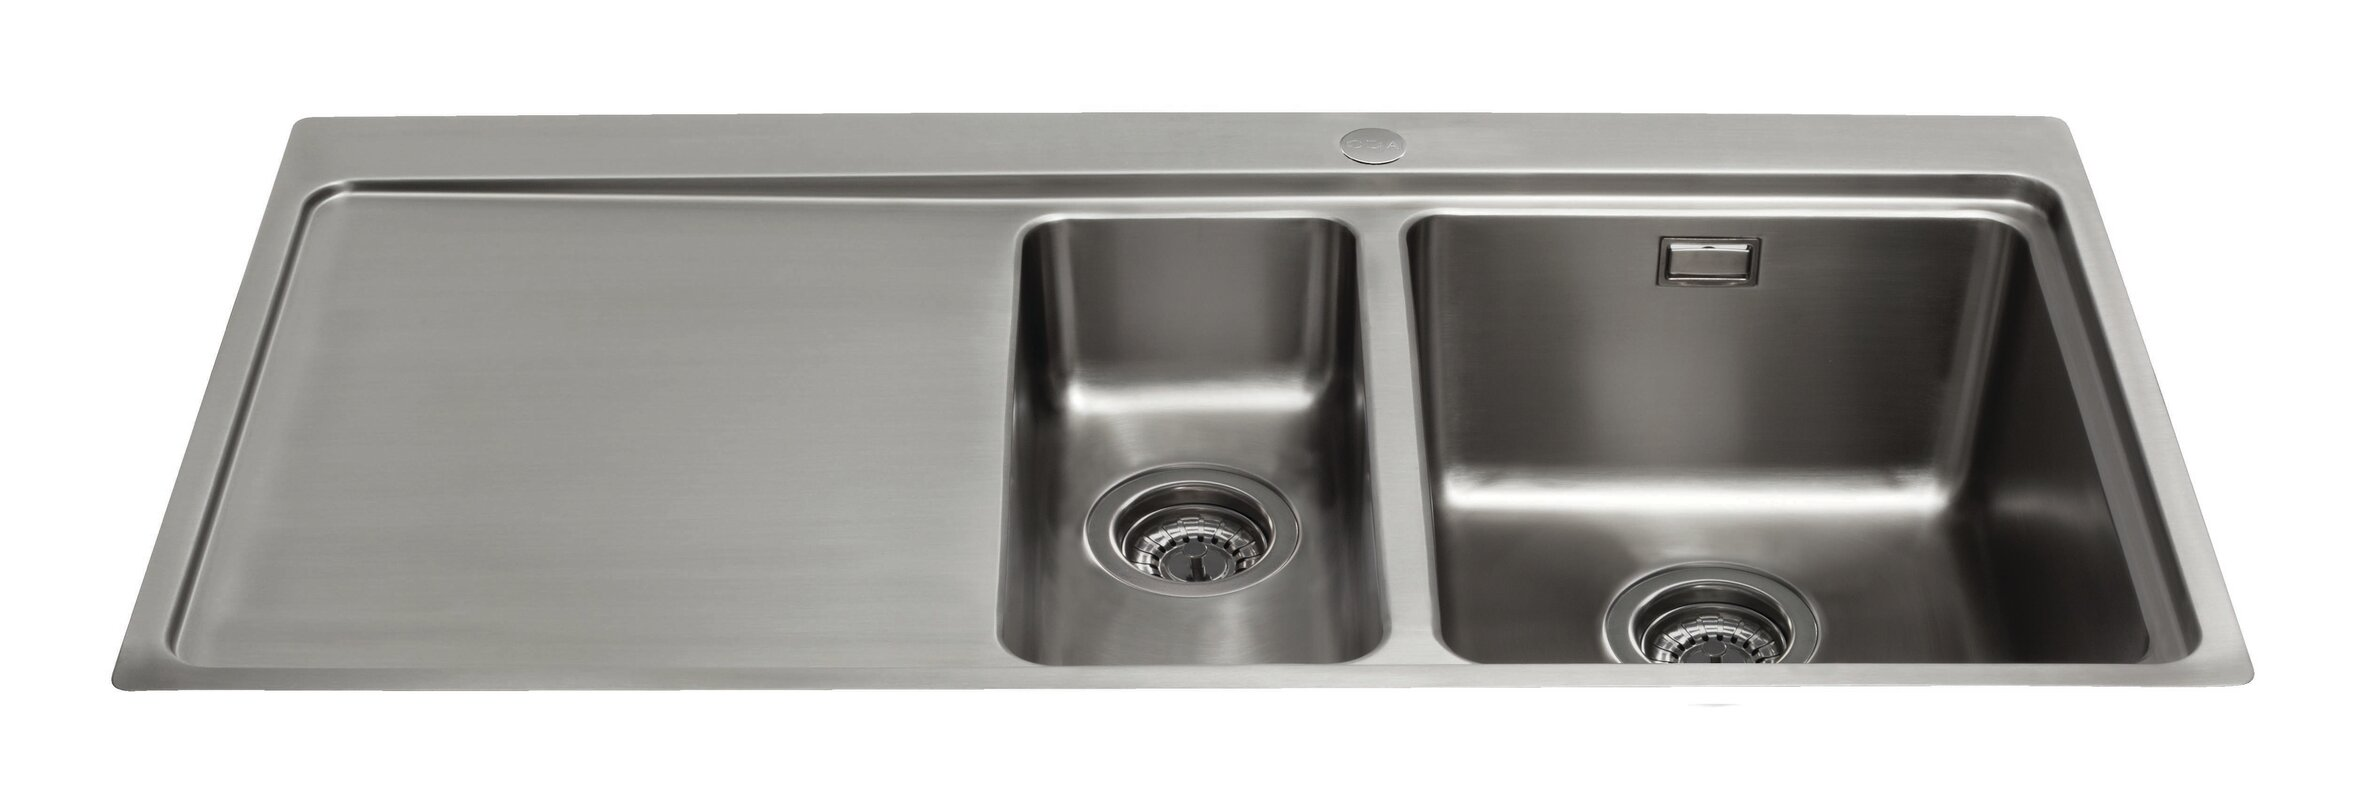 Inset Kitchen Sinks Cda 100cm x 52cm 15 bowl inset kitchen sink reviews wayfair 100cm x 52cm 15 bowl inset kitchen sink workwithnaturefo